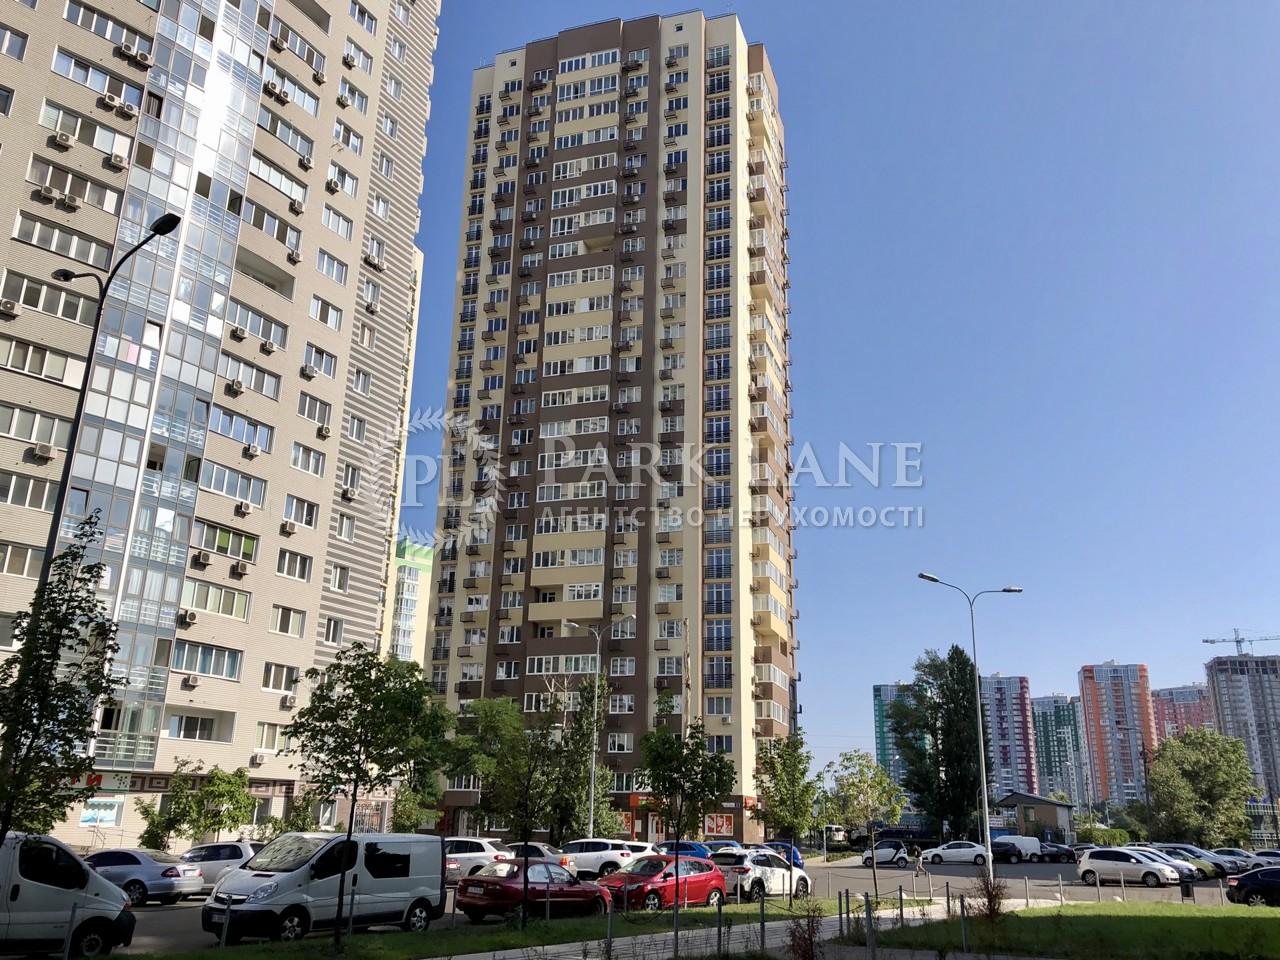 Квартира ул. Панельная, 4, Киев, J-26742 - Фото 17